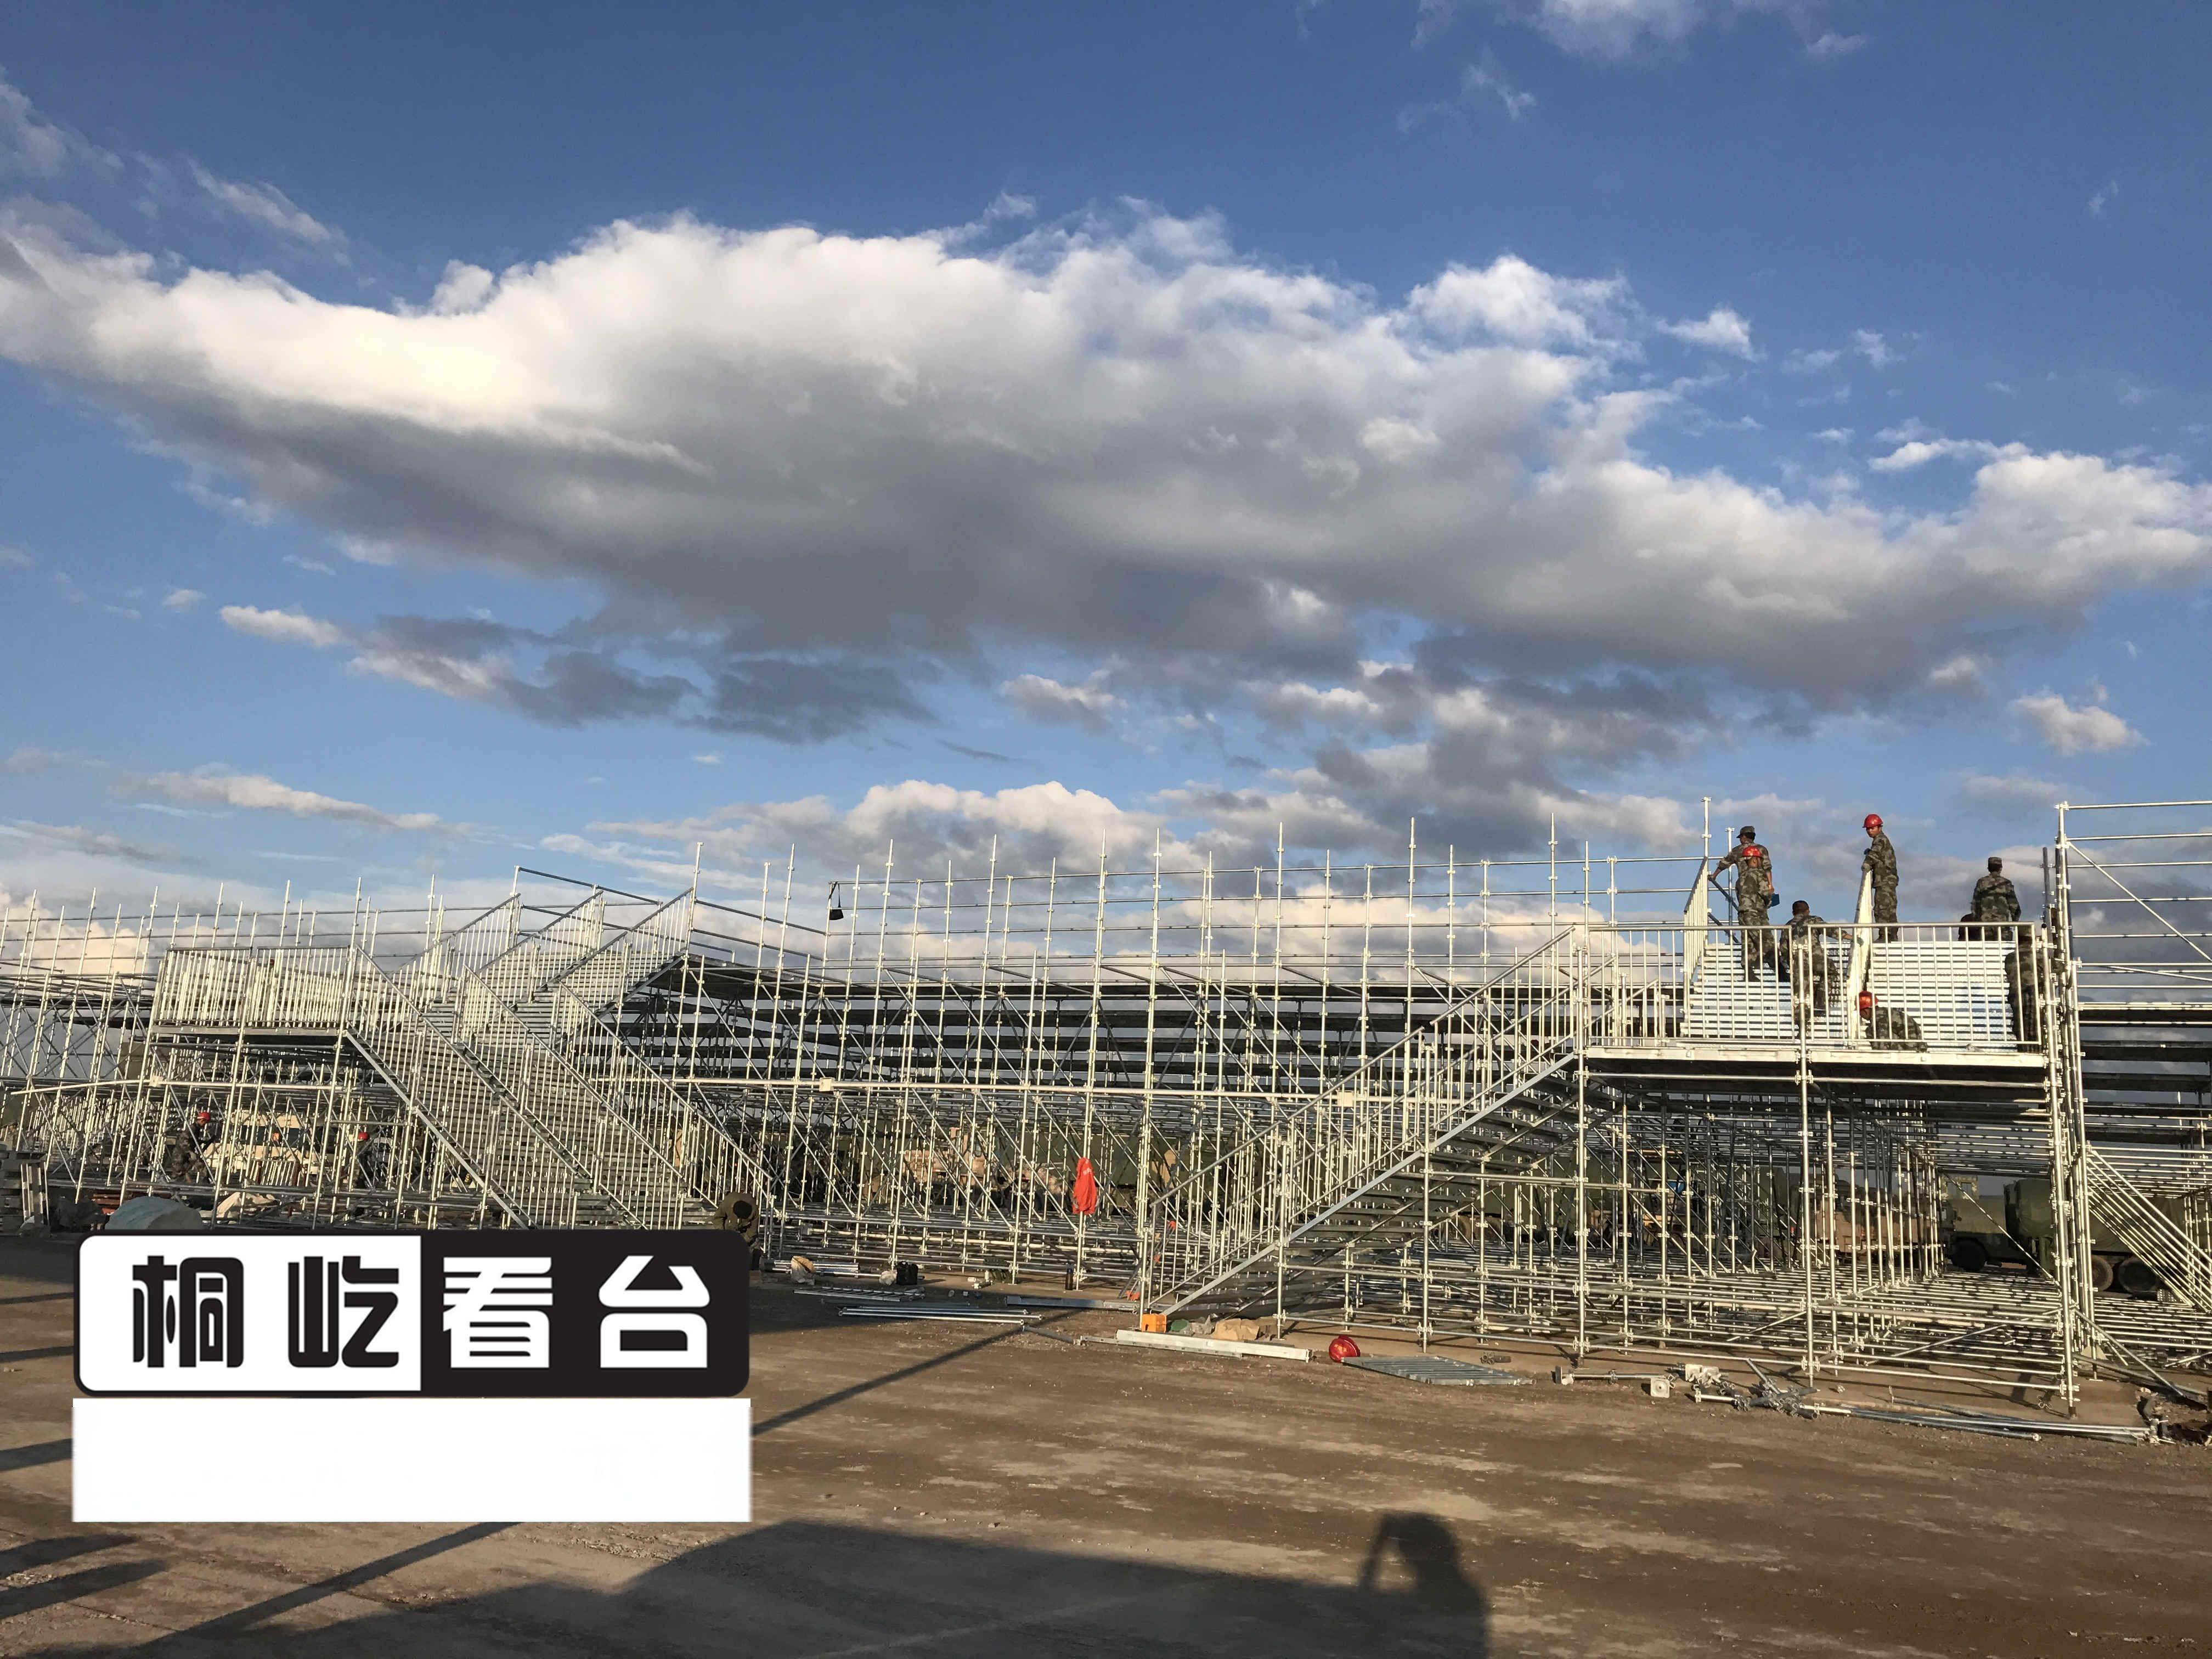 内蒙古朱日和建军90周年阅兵主席台2.jpg